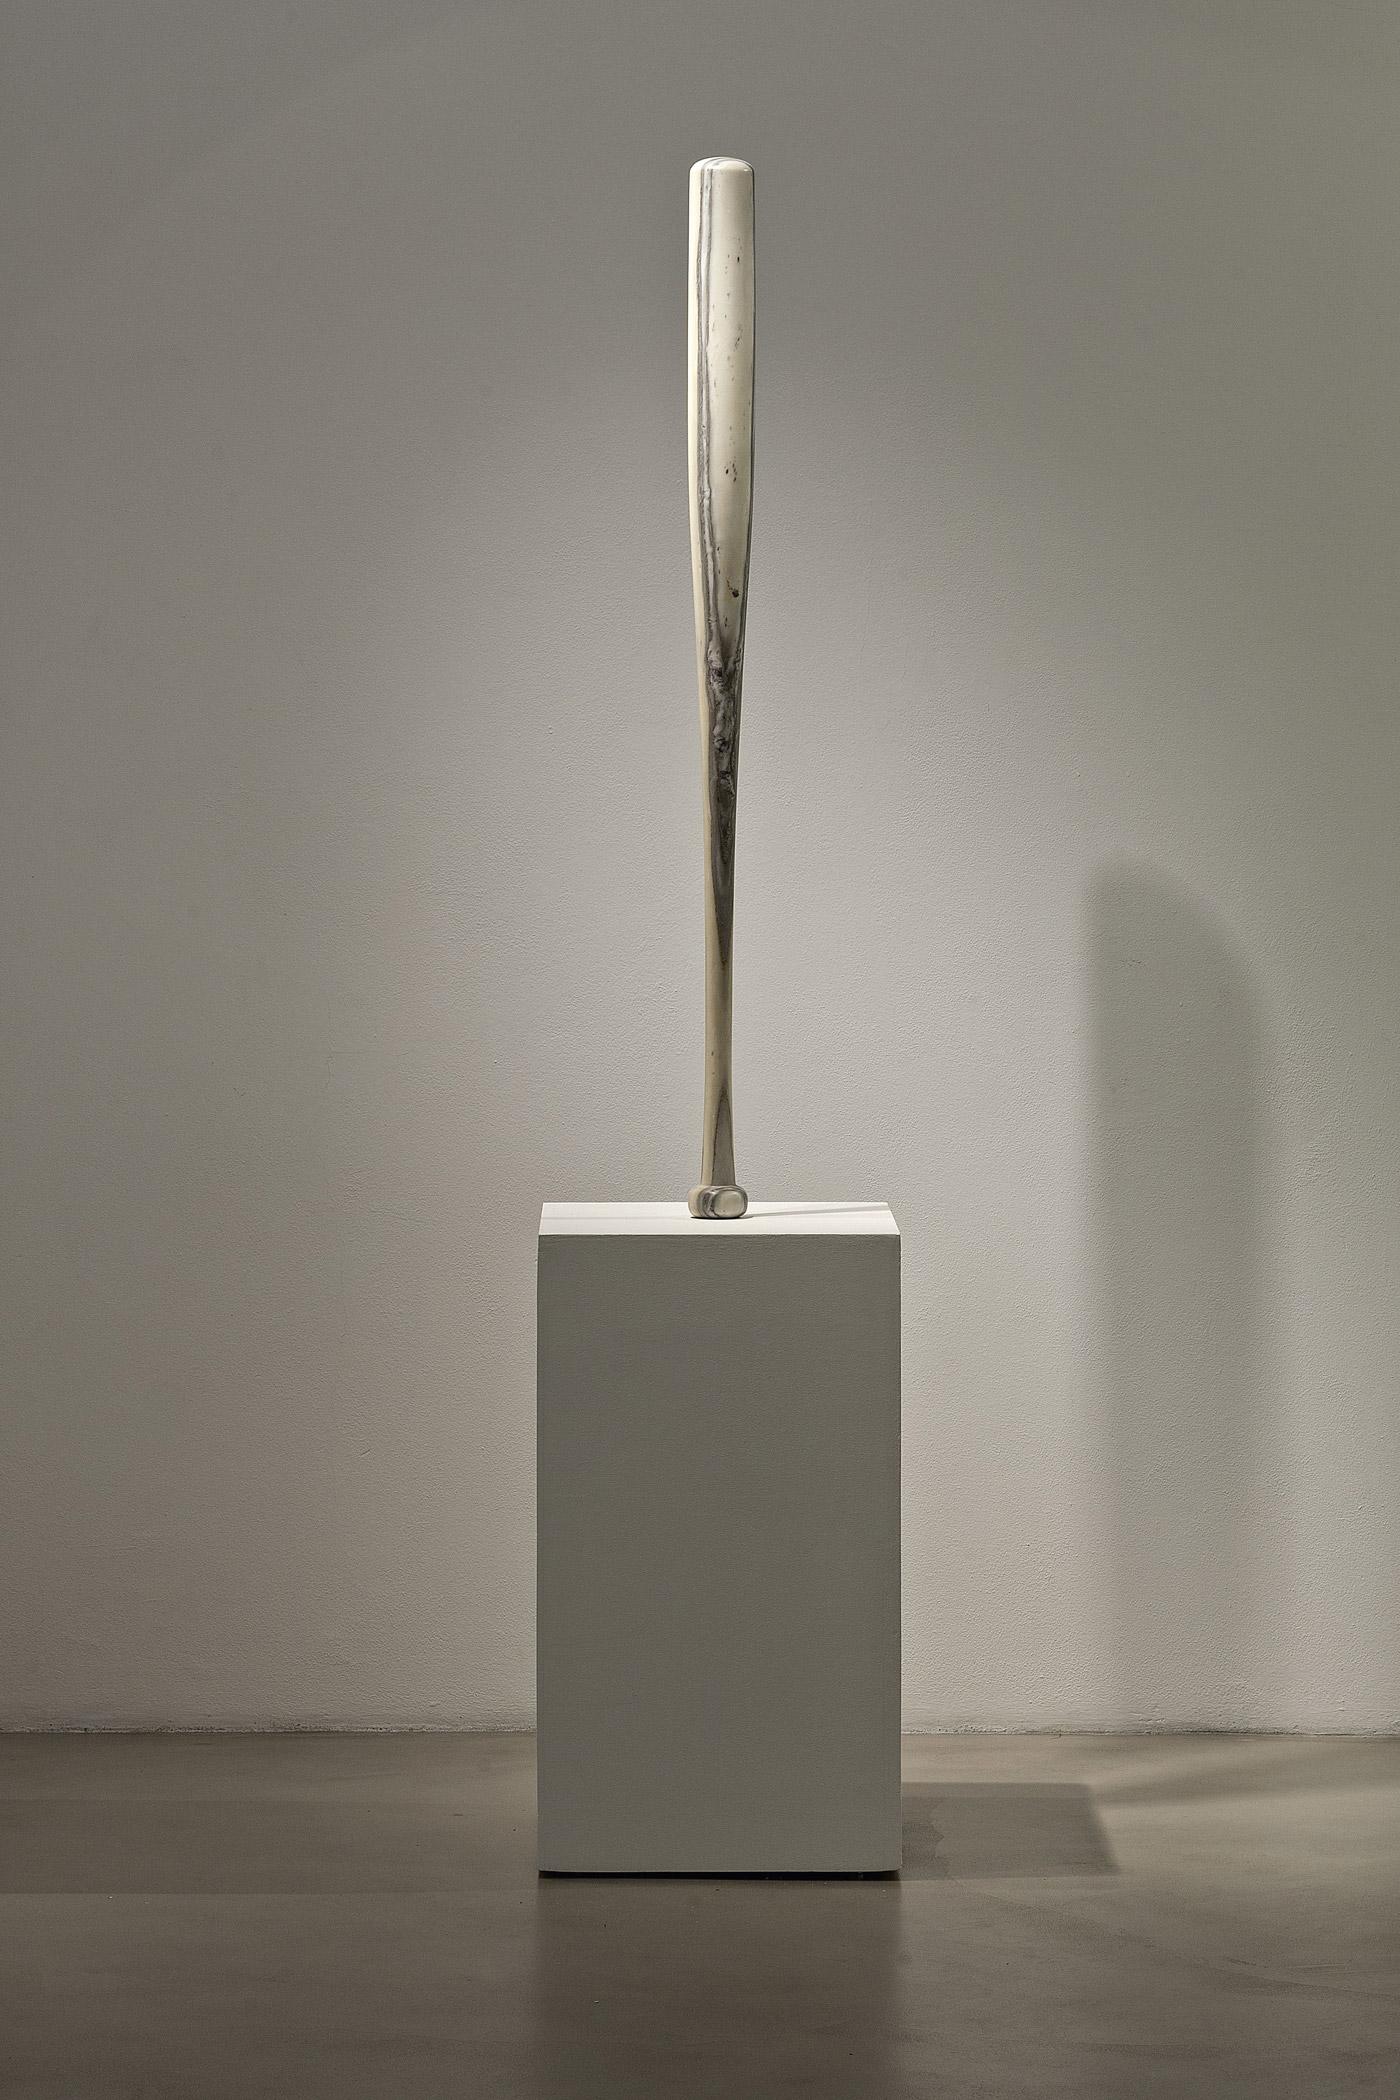 baseball bat mazza fabio viale marmo marble sculpture scultura art